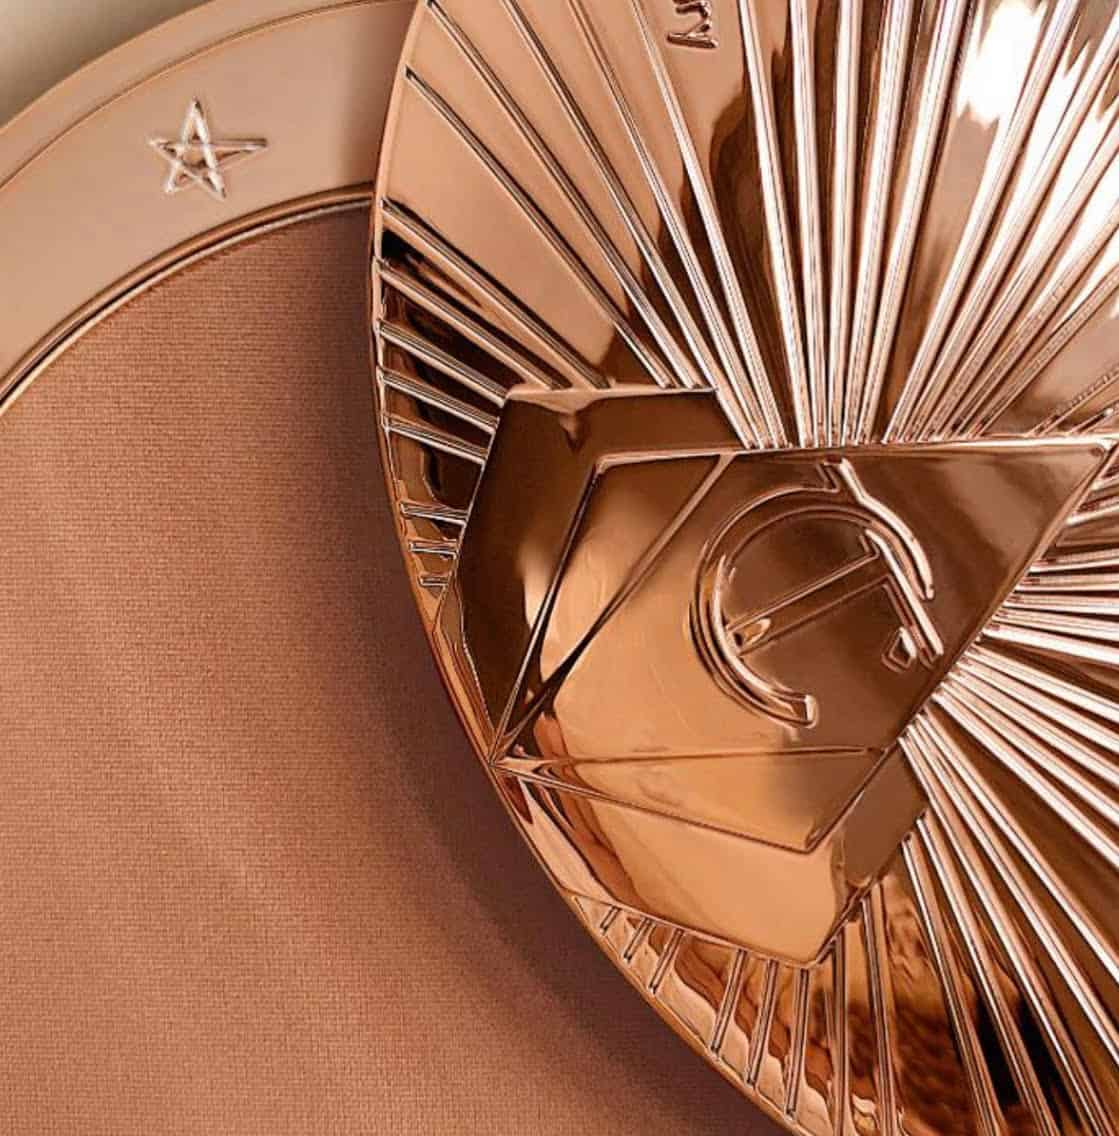 Charlotte Tilbury Airbrush Bronzer